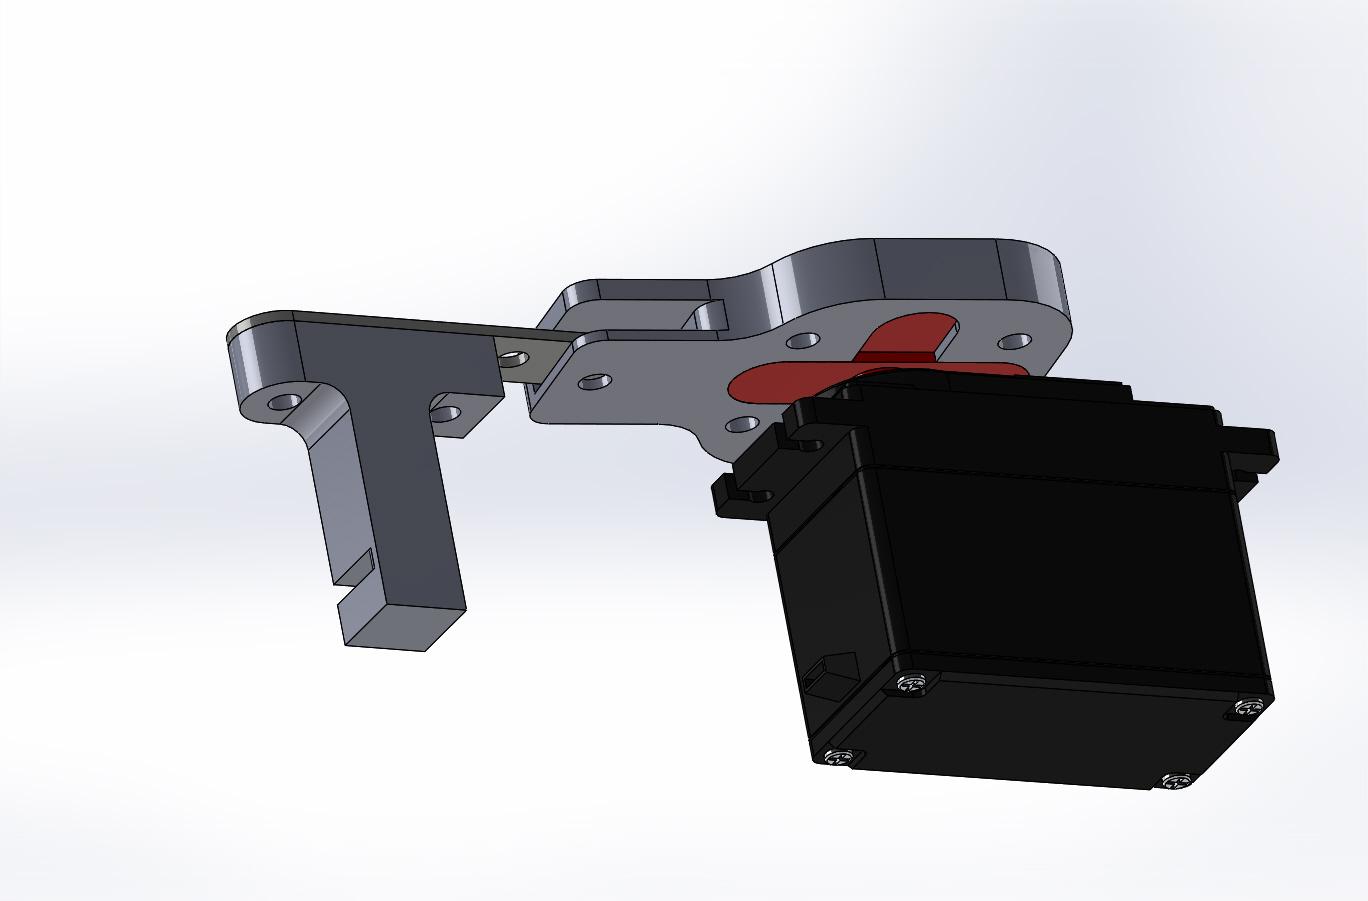 GitHub - rrichards7/Throttle-Control: Autonomous Snowmobile Throttle